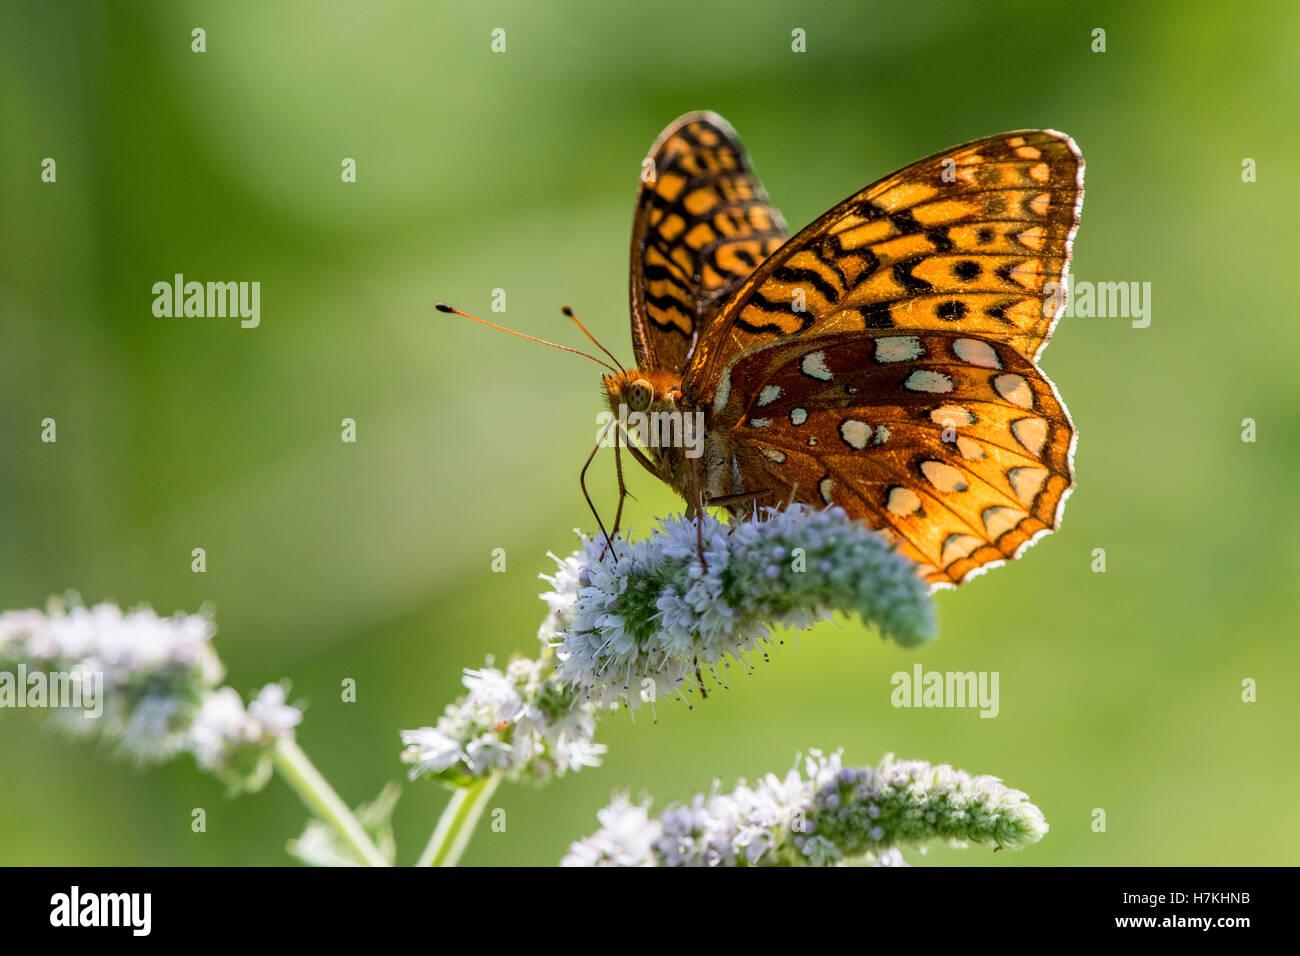 Farfalla sul fiore. Fritillary butterfly appoggiata sul fiore di menta con ali stese in sun. Immagini Stock